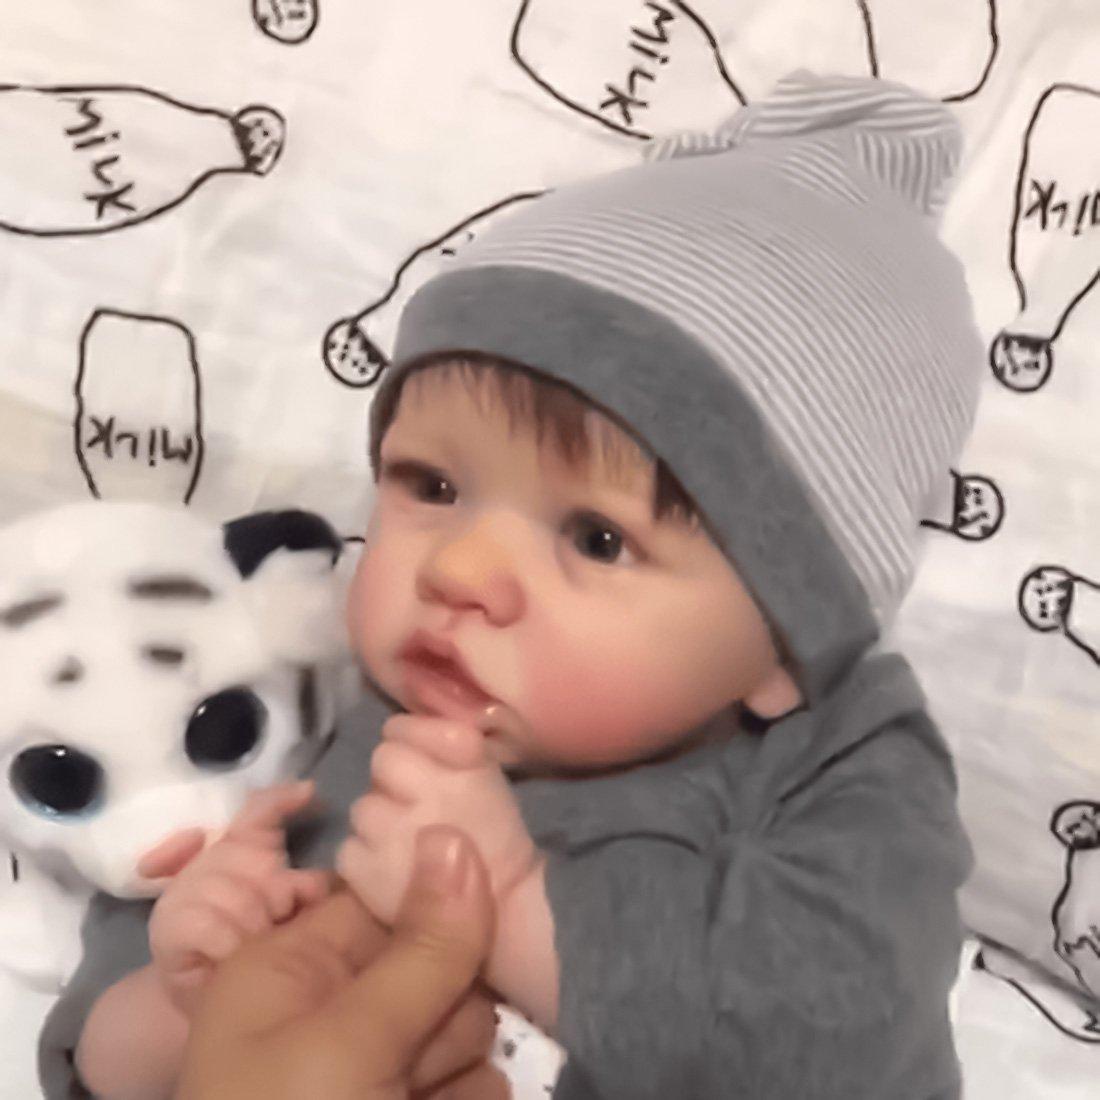 22 Pouces Mignon Corps Reborn Baby Poupées Look Real Collection Nouveau-Né Poupée pour Fille, Corps en Tissu